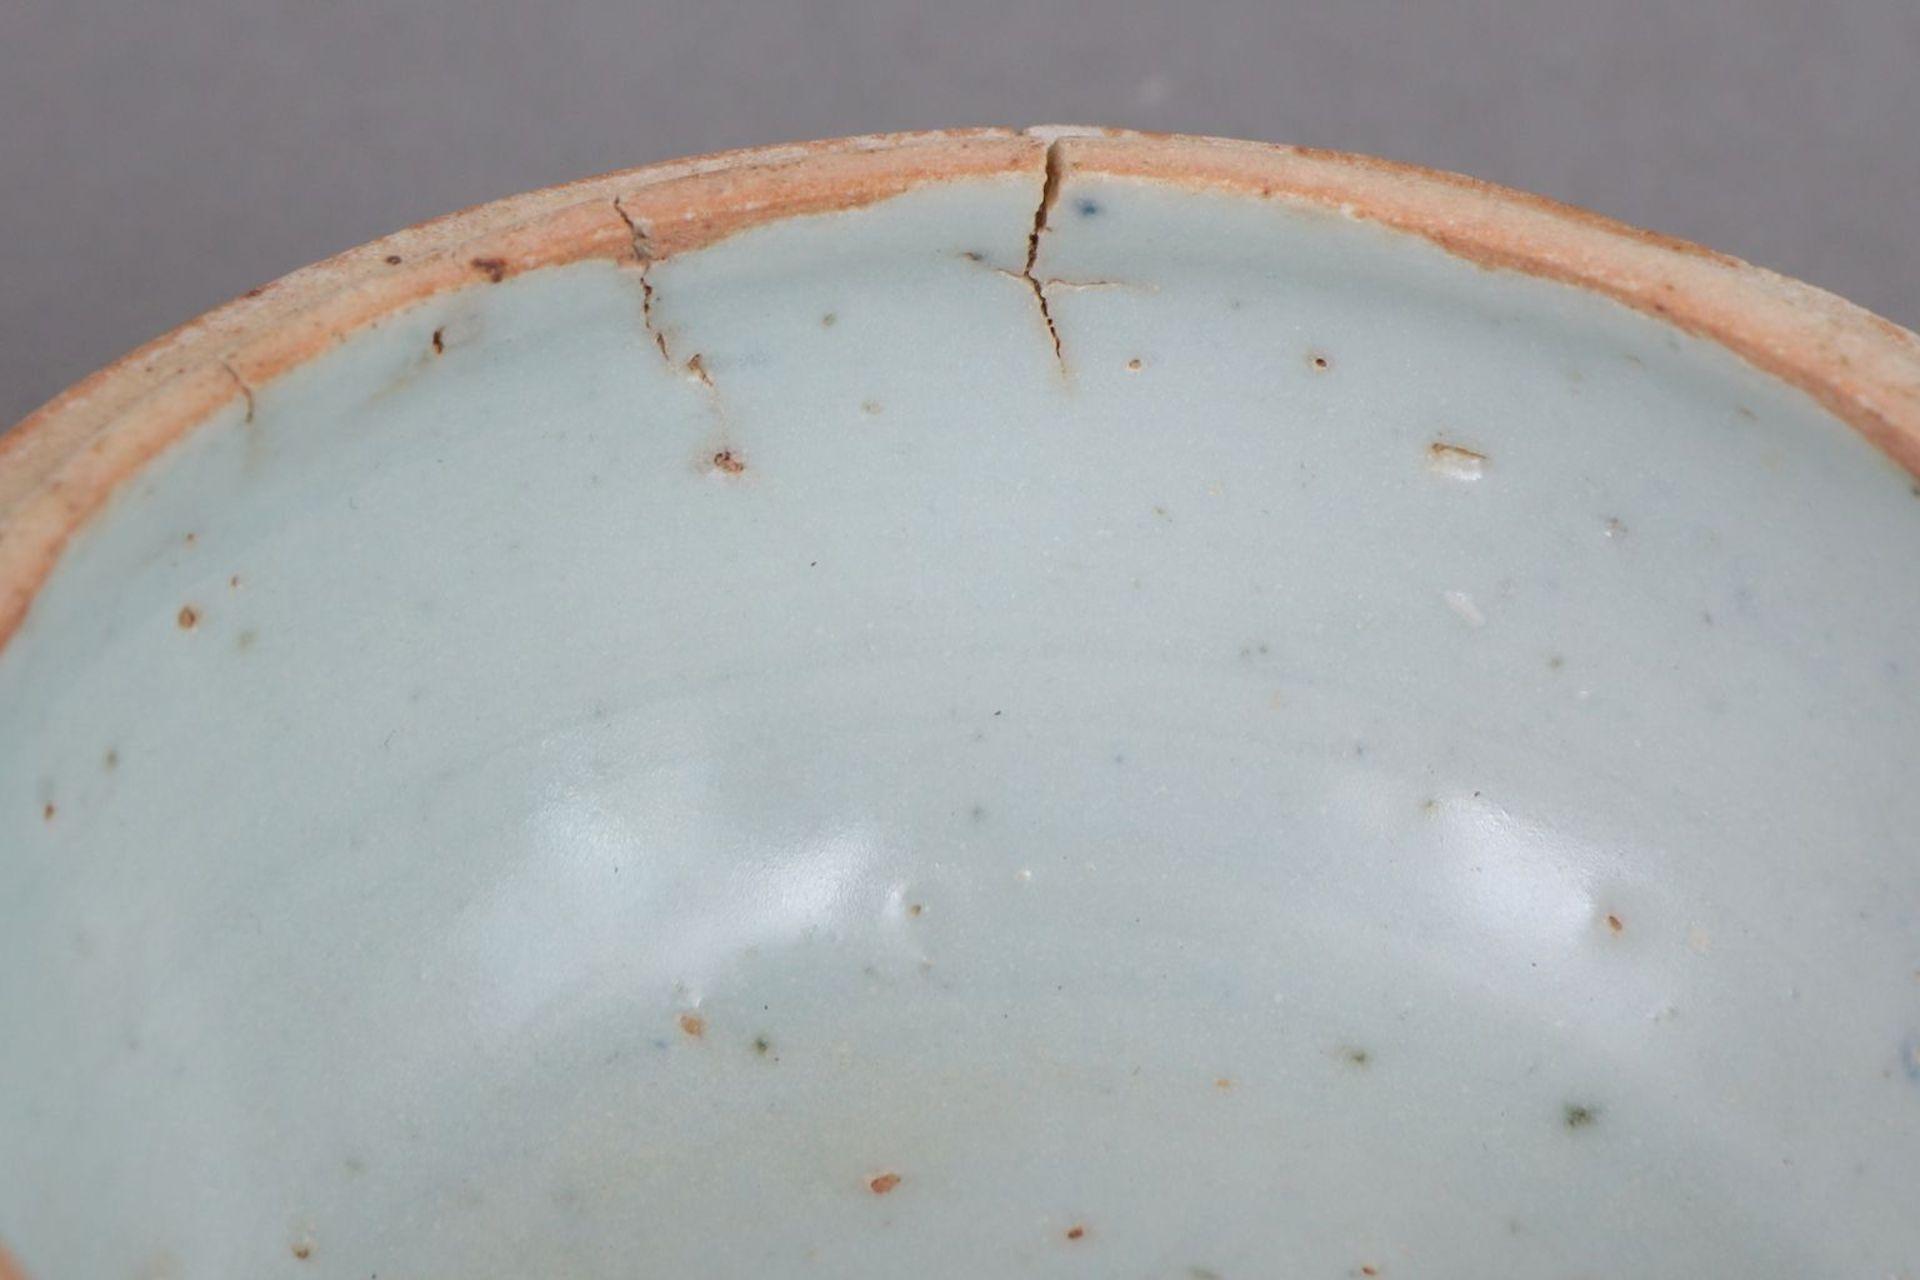 Chinesische Porzellan-Deckeldose - Image 4 of 4